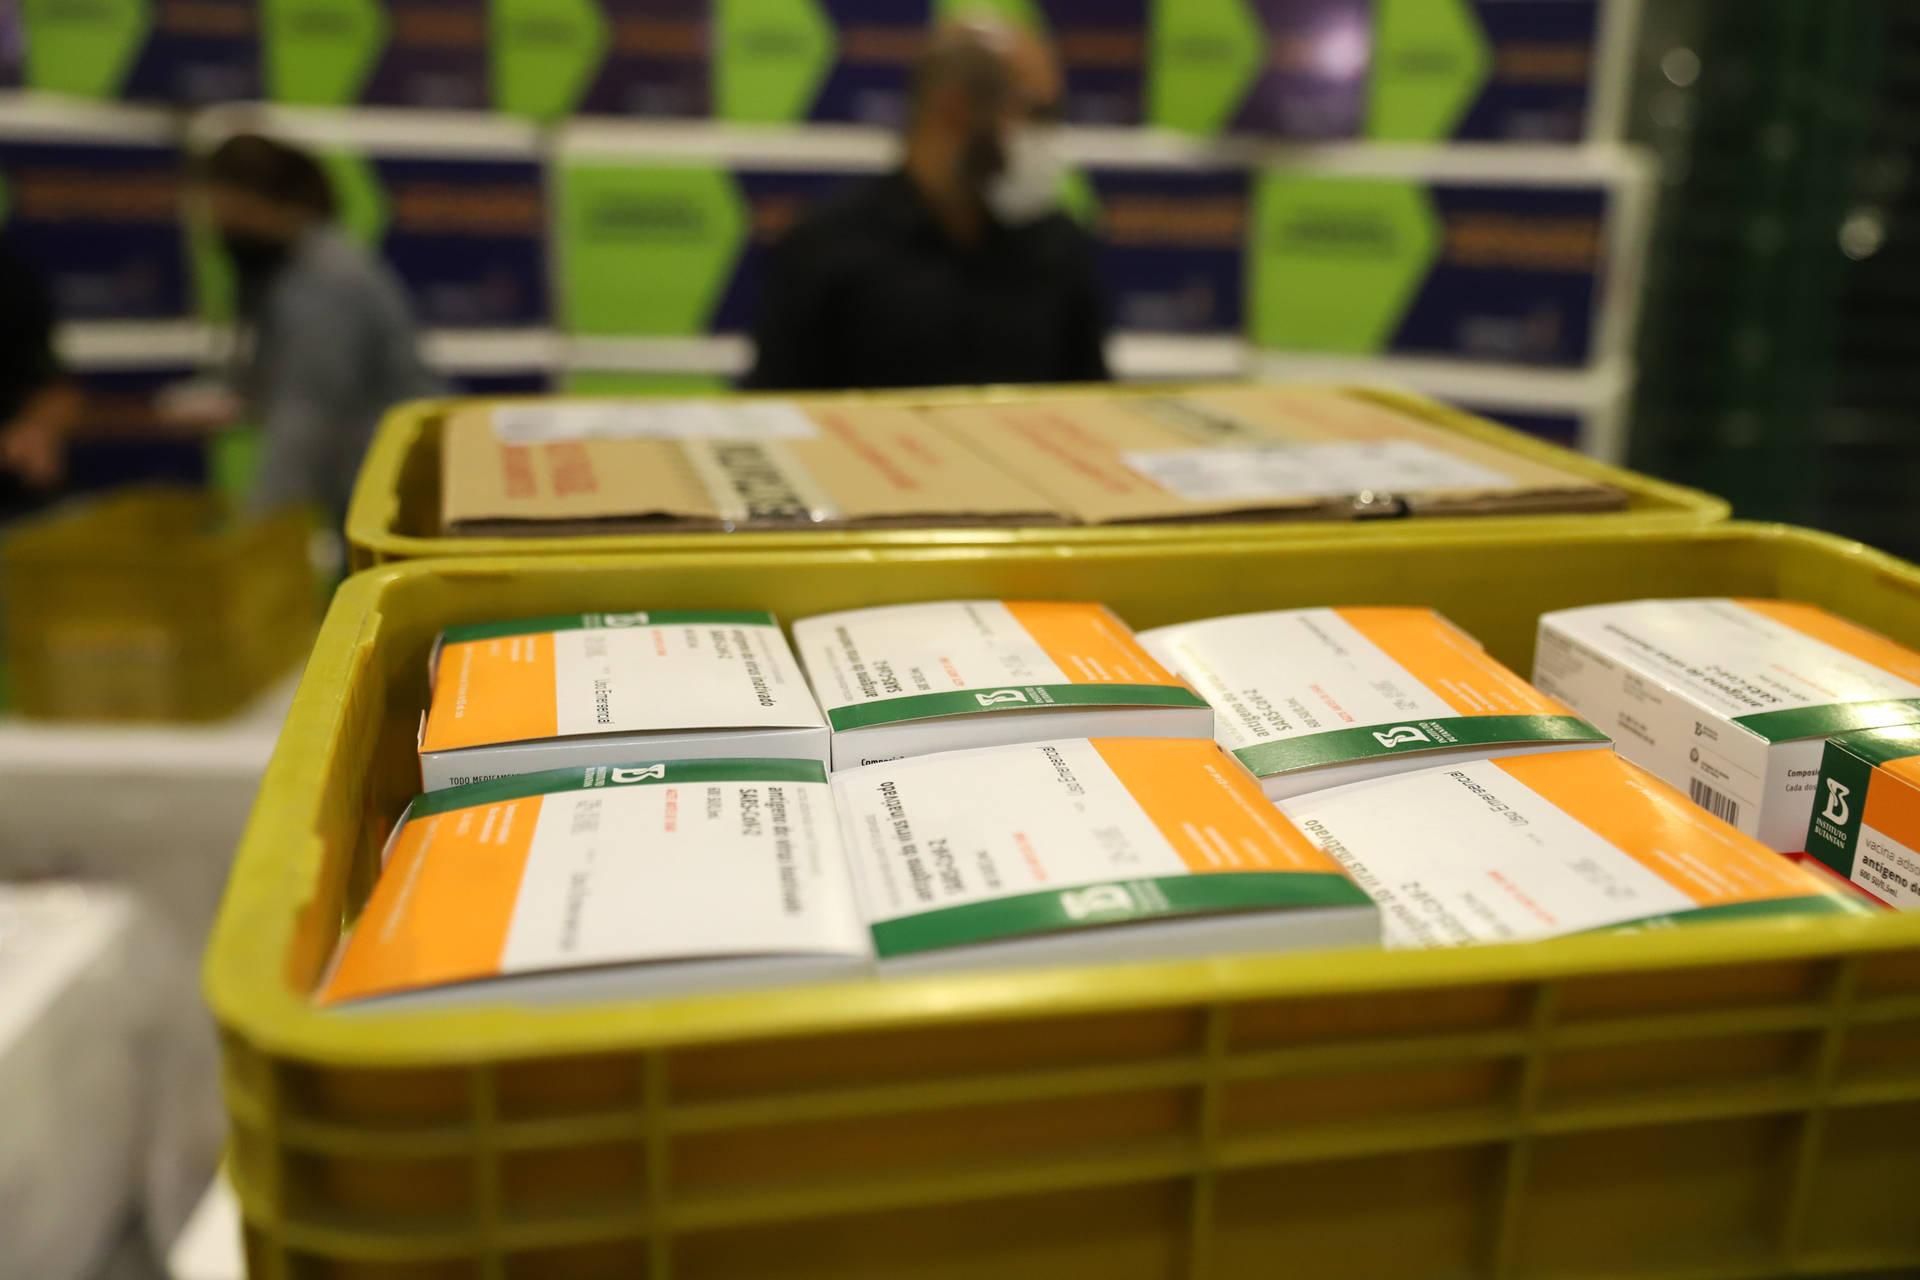 141 mil doses de vacinas contra a Covid-19 chegam ao Paraná nesta segunda-feira